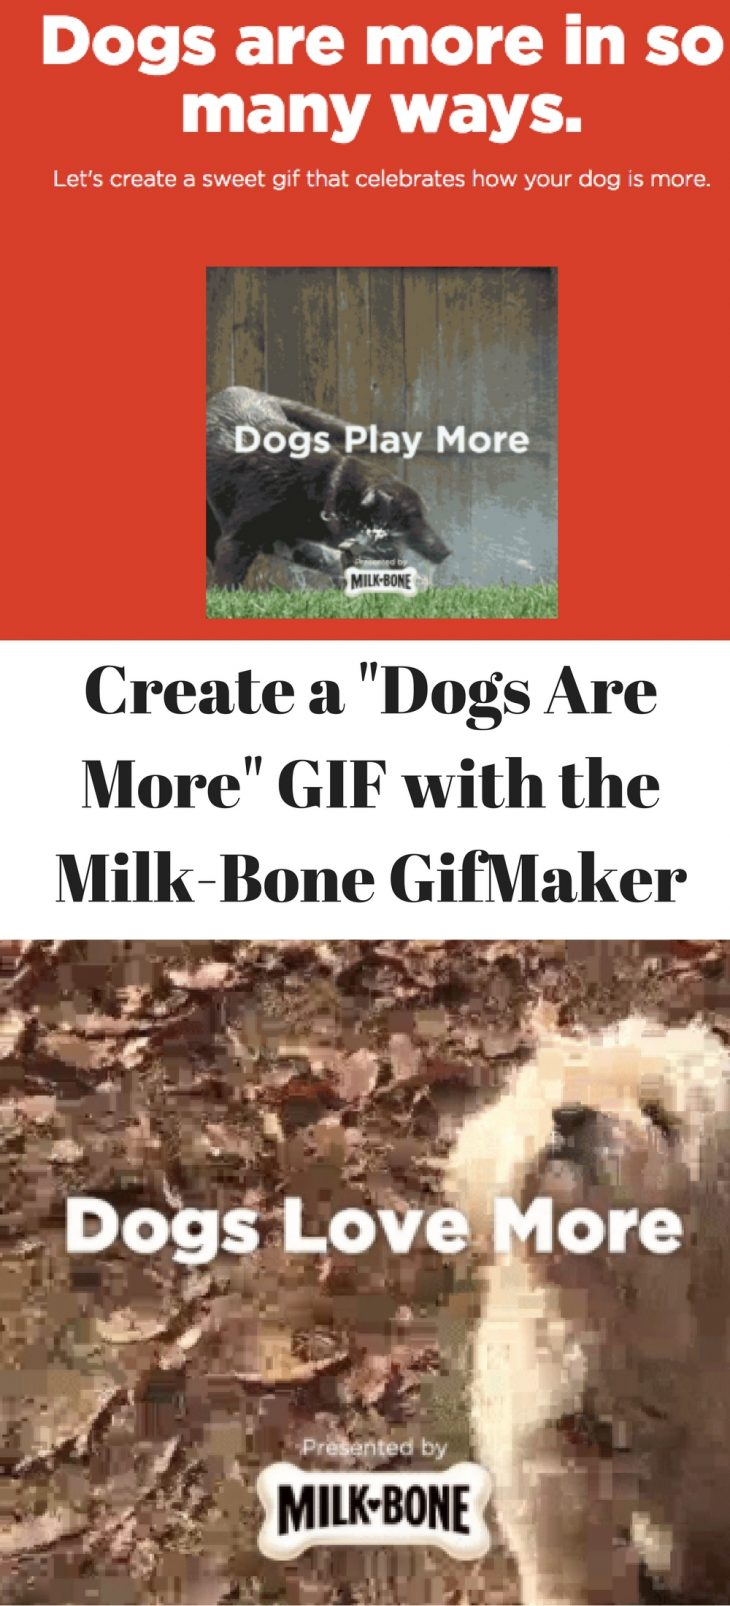 dogs are more milk-bone